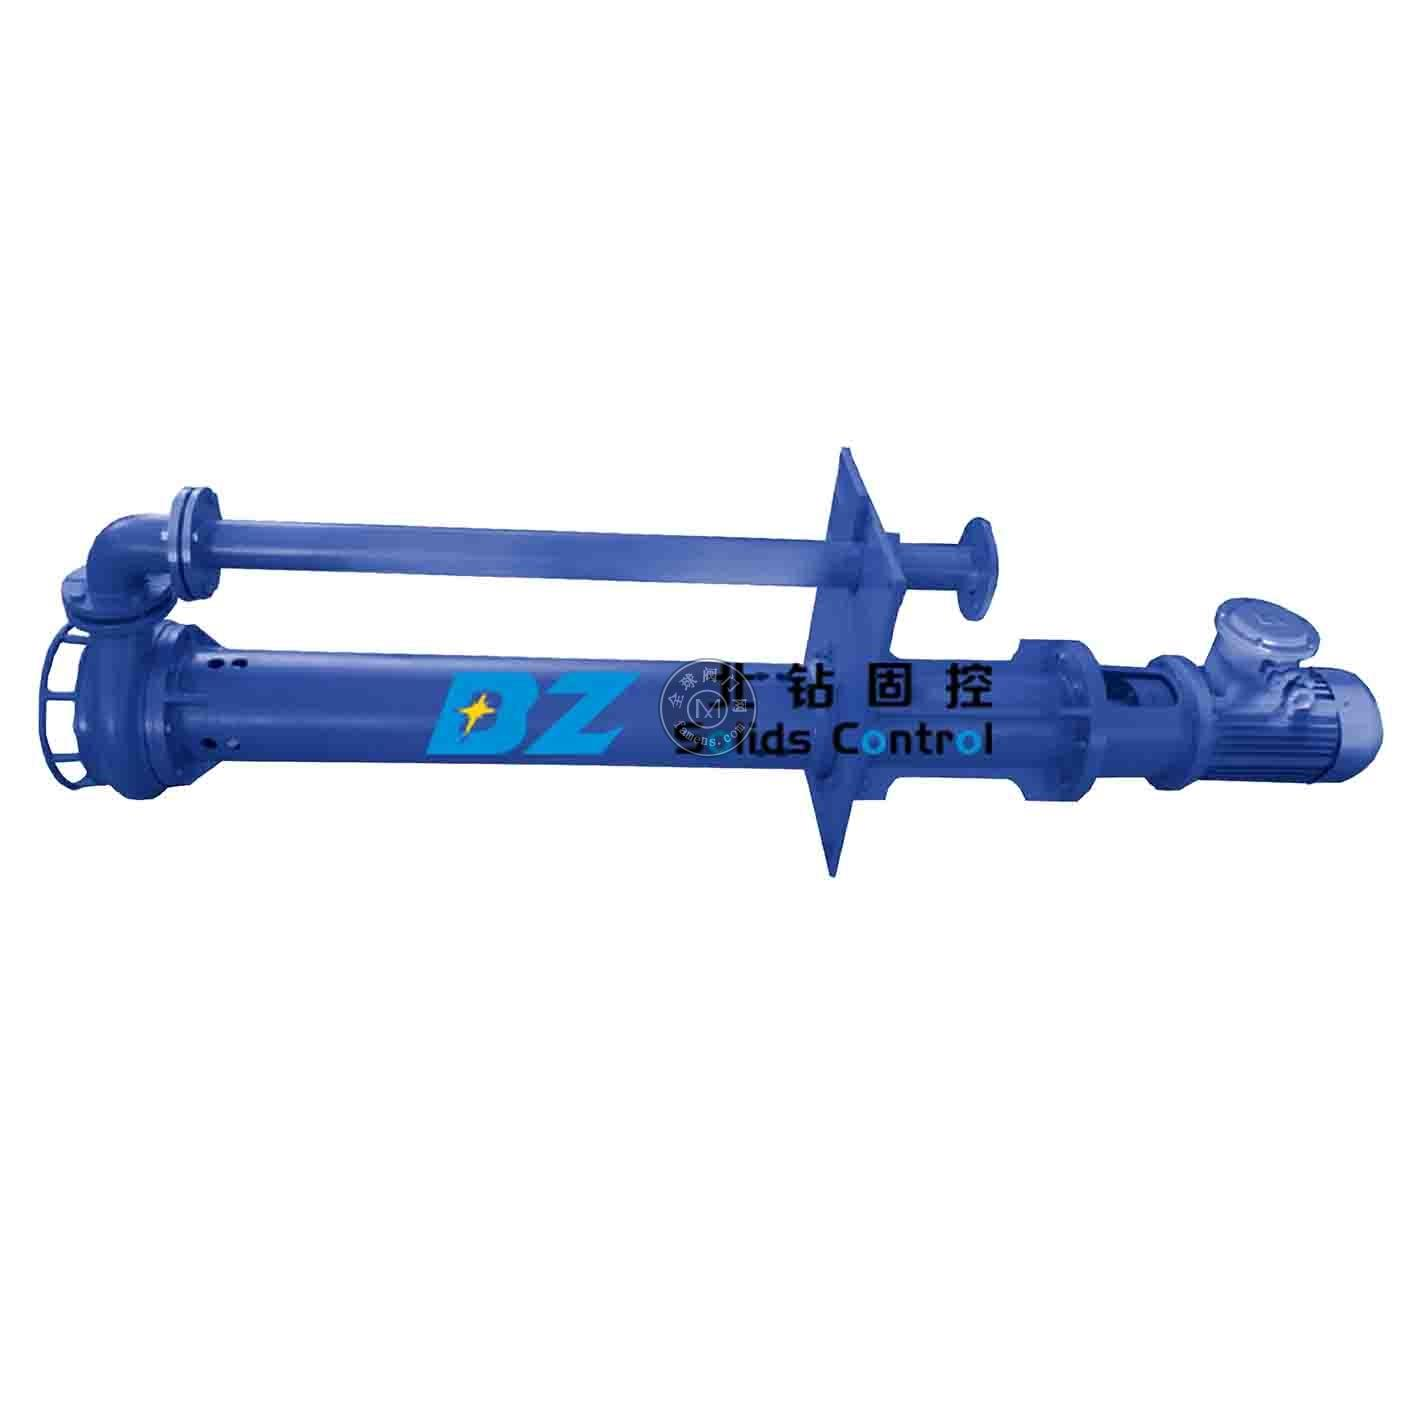 石油鉆采設備北鉆固控設備固控系統液下渣漿泵